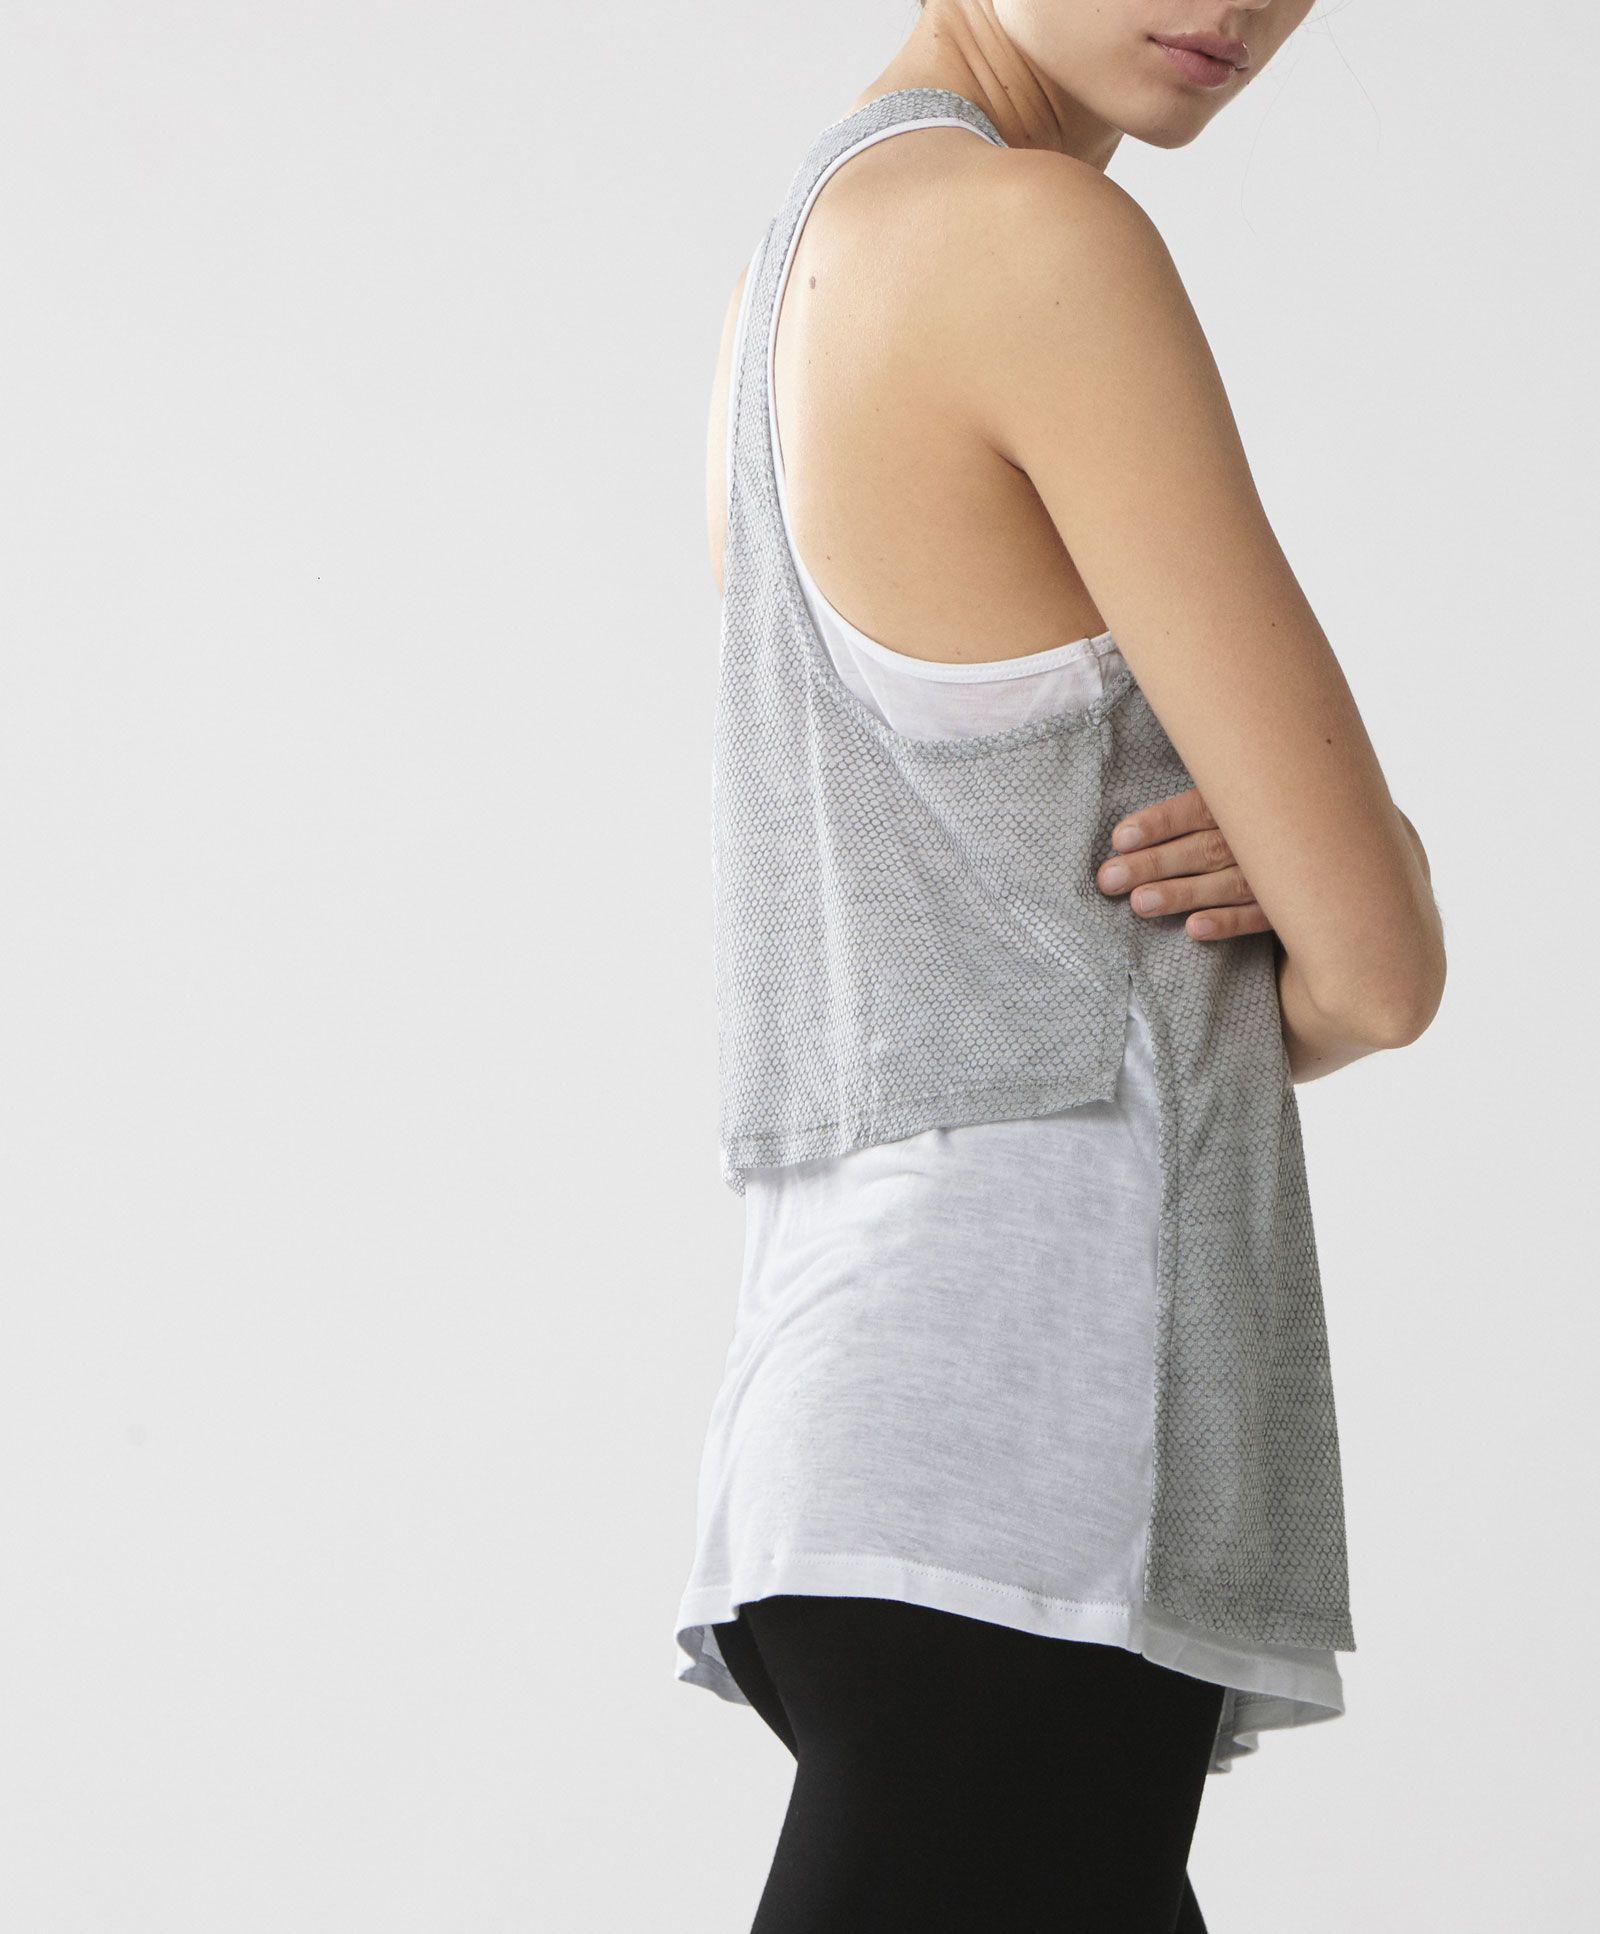 Camiseta Camisetas DeporteOysho Doble Capa Gym Moda Pkn0NXO8Zw